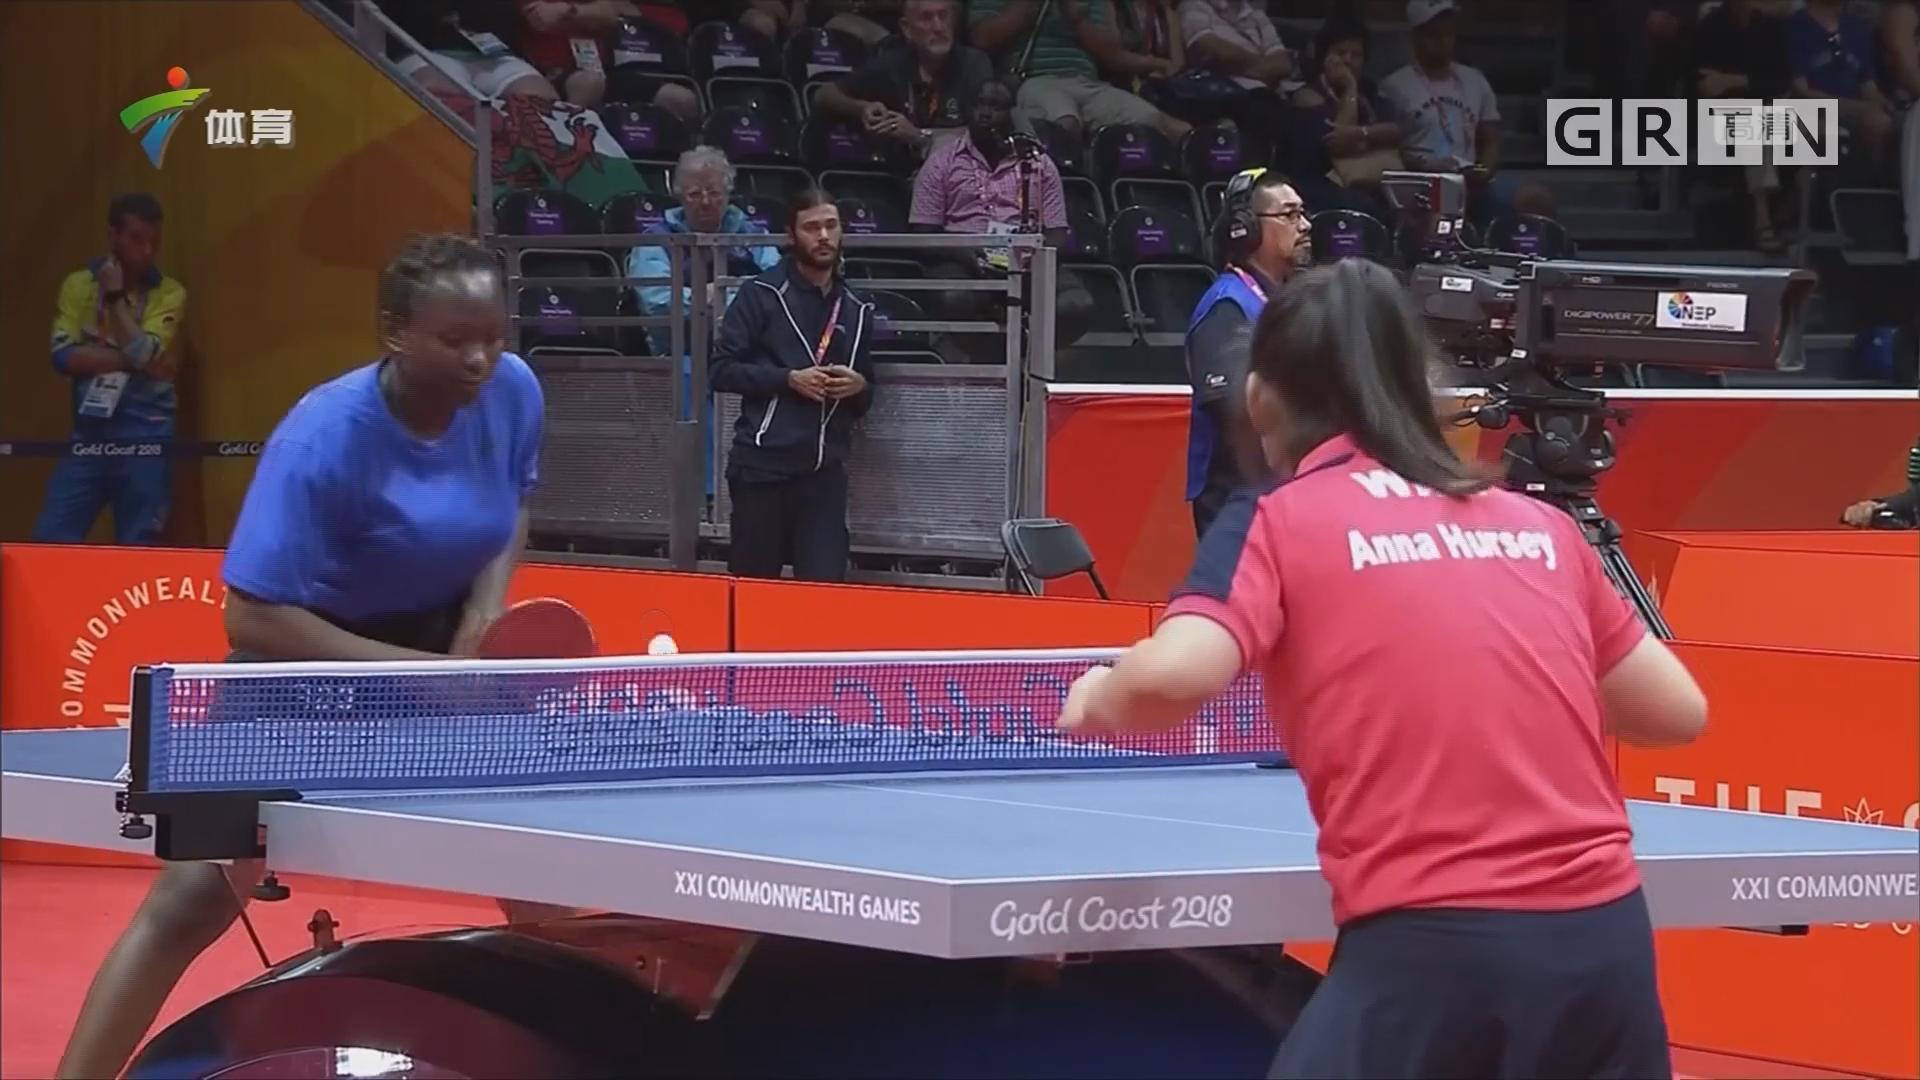 英联邦运动会 威尔士11岁乒球选手横扫对手